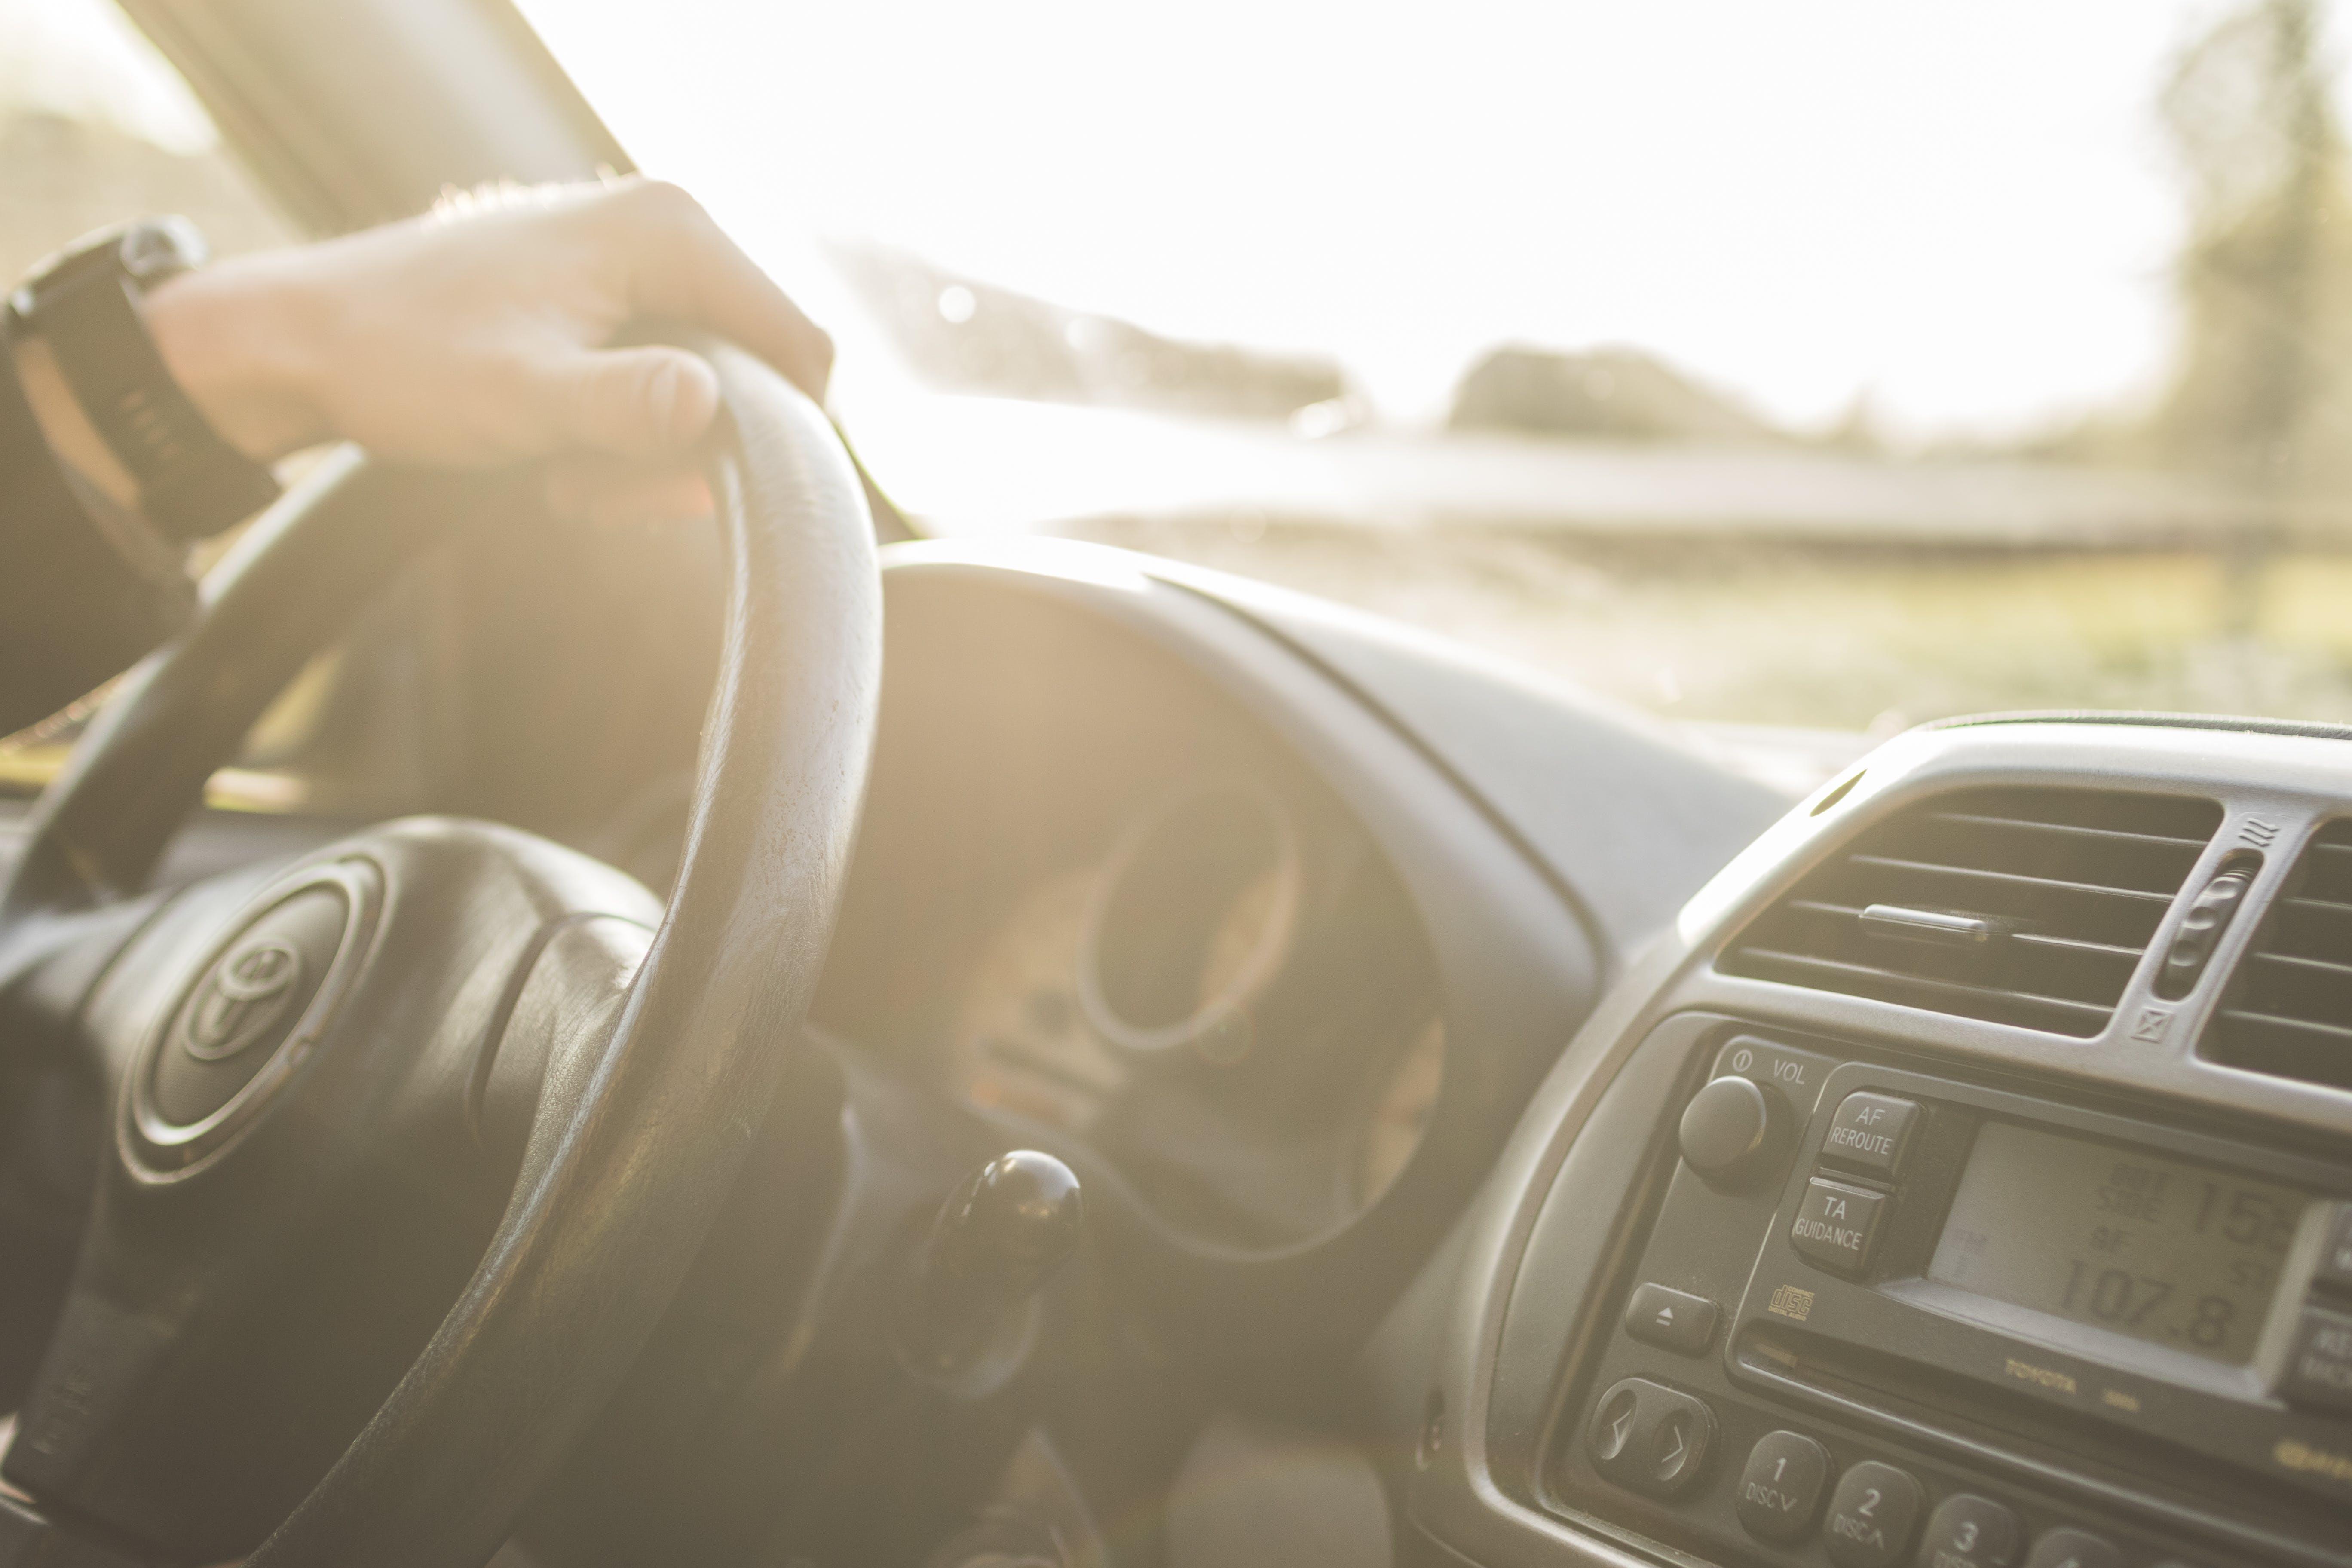 Gratis stockfoto met auto, automobiel, automotive, autorijden